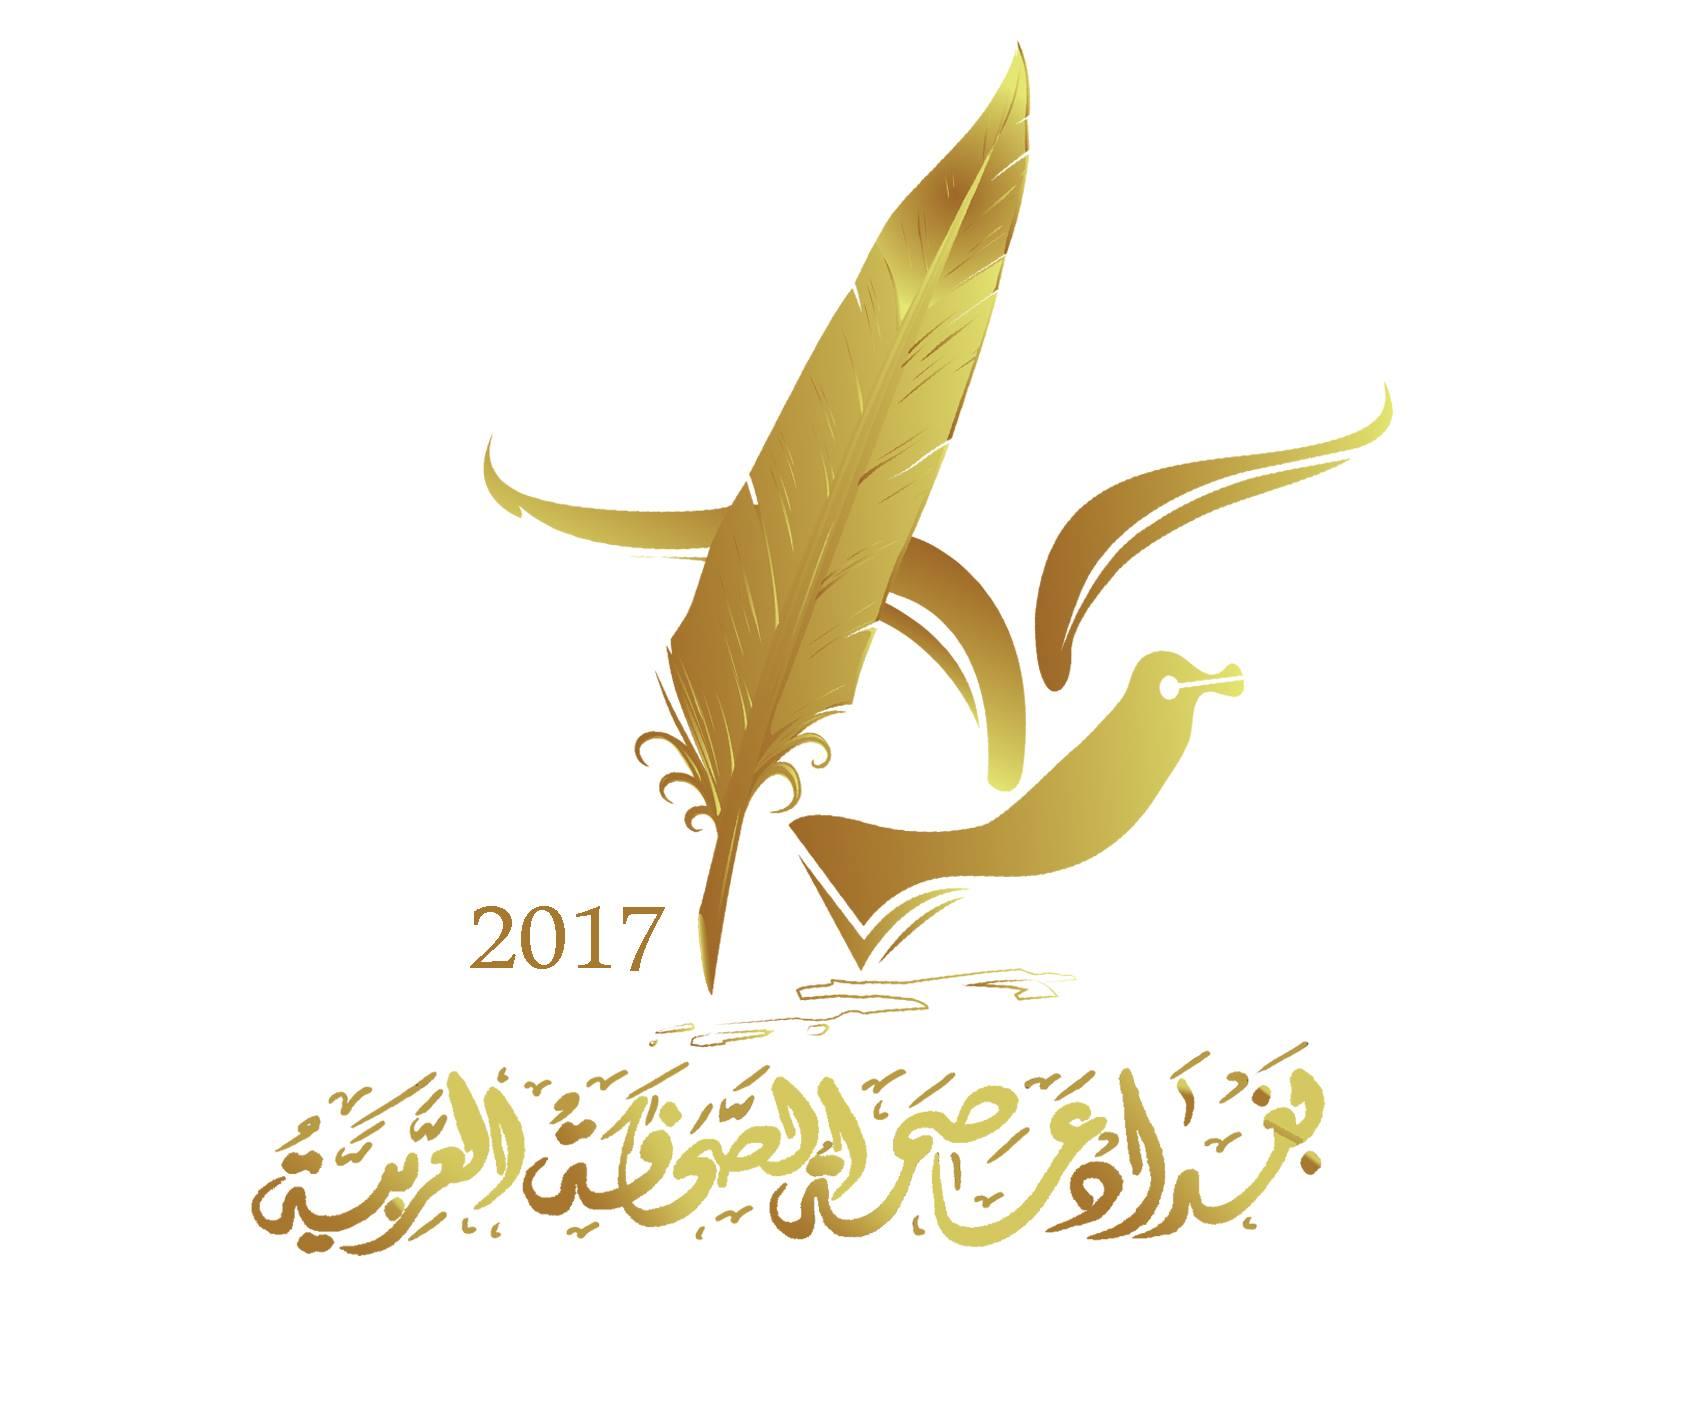 اعلان بغداد عاصمة الصحافة العربية لعام 2017